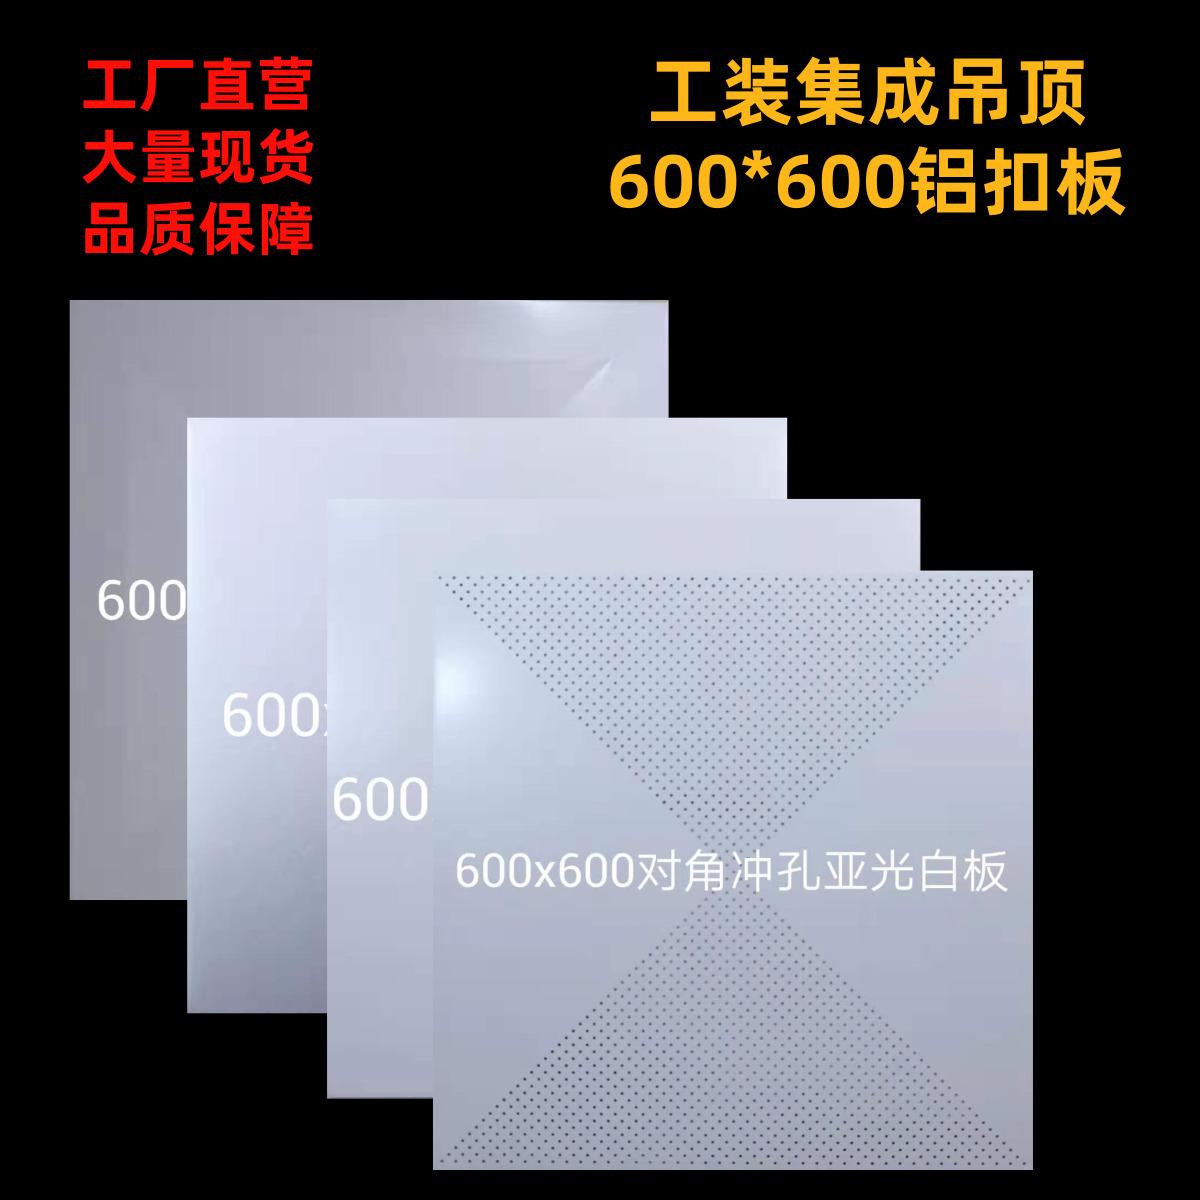 集成吊顶铝扣板工程白板600全套模块600天花板防尘隔音板厂家